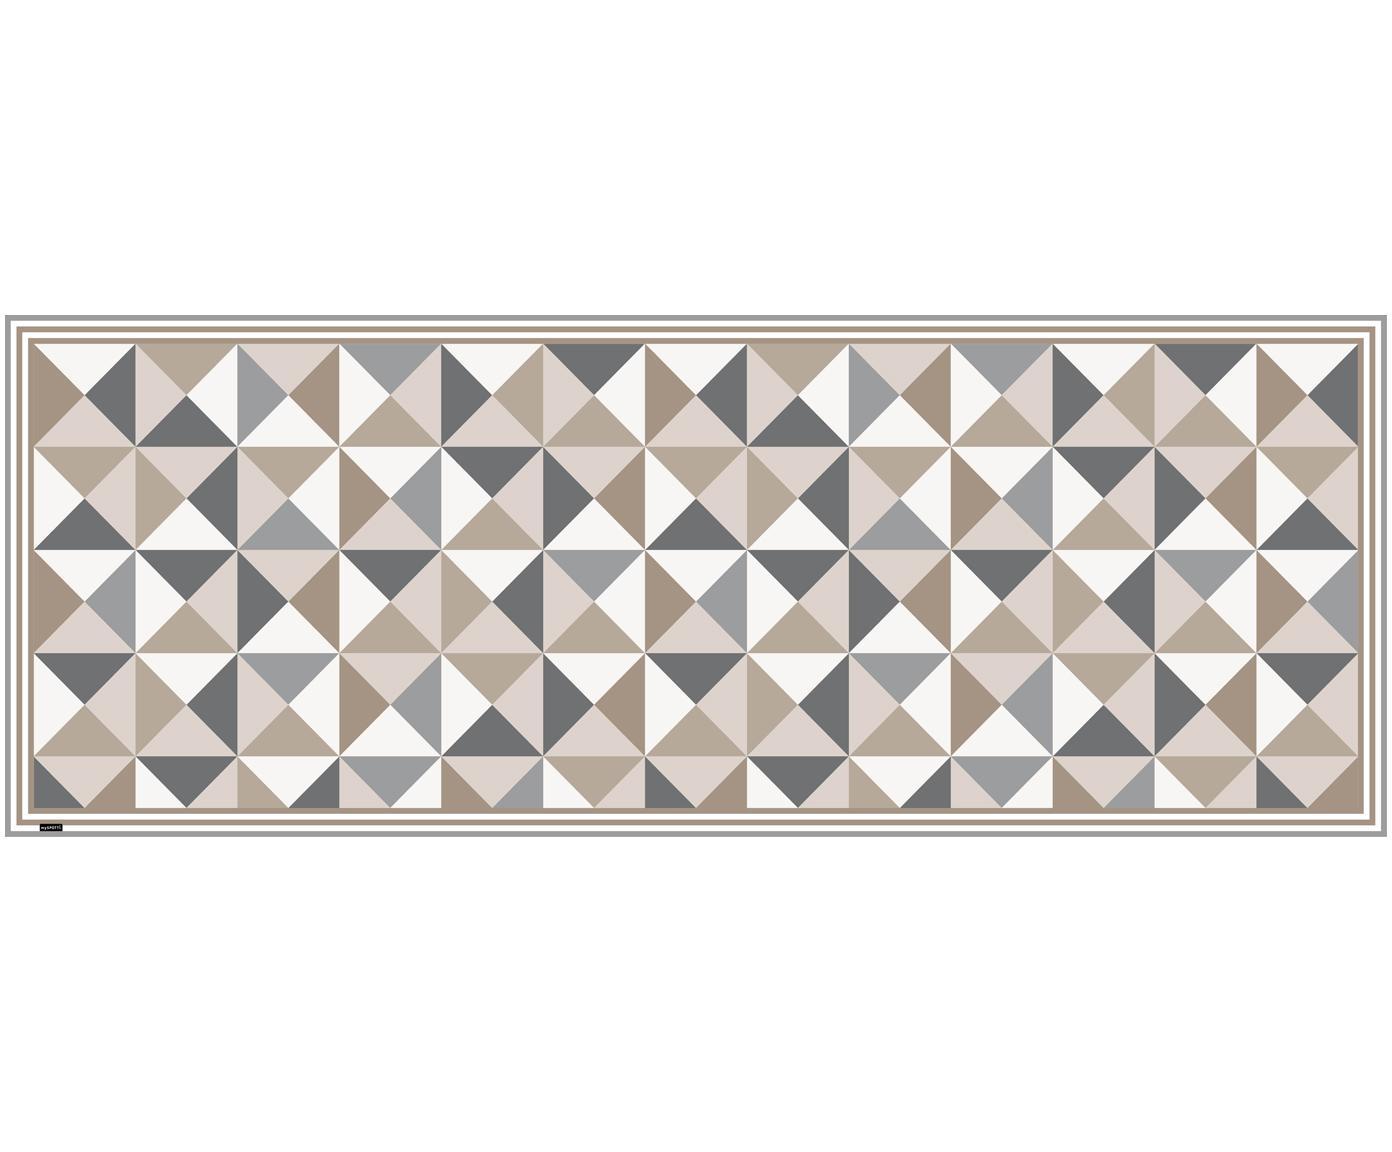 Vinyl vloermat Haakon, Recyclebaar vinyl, Grijstinten, beigetinten, wit, 68 x 180 cm